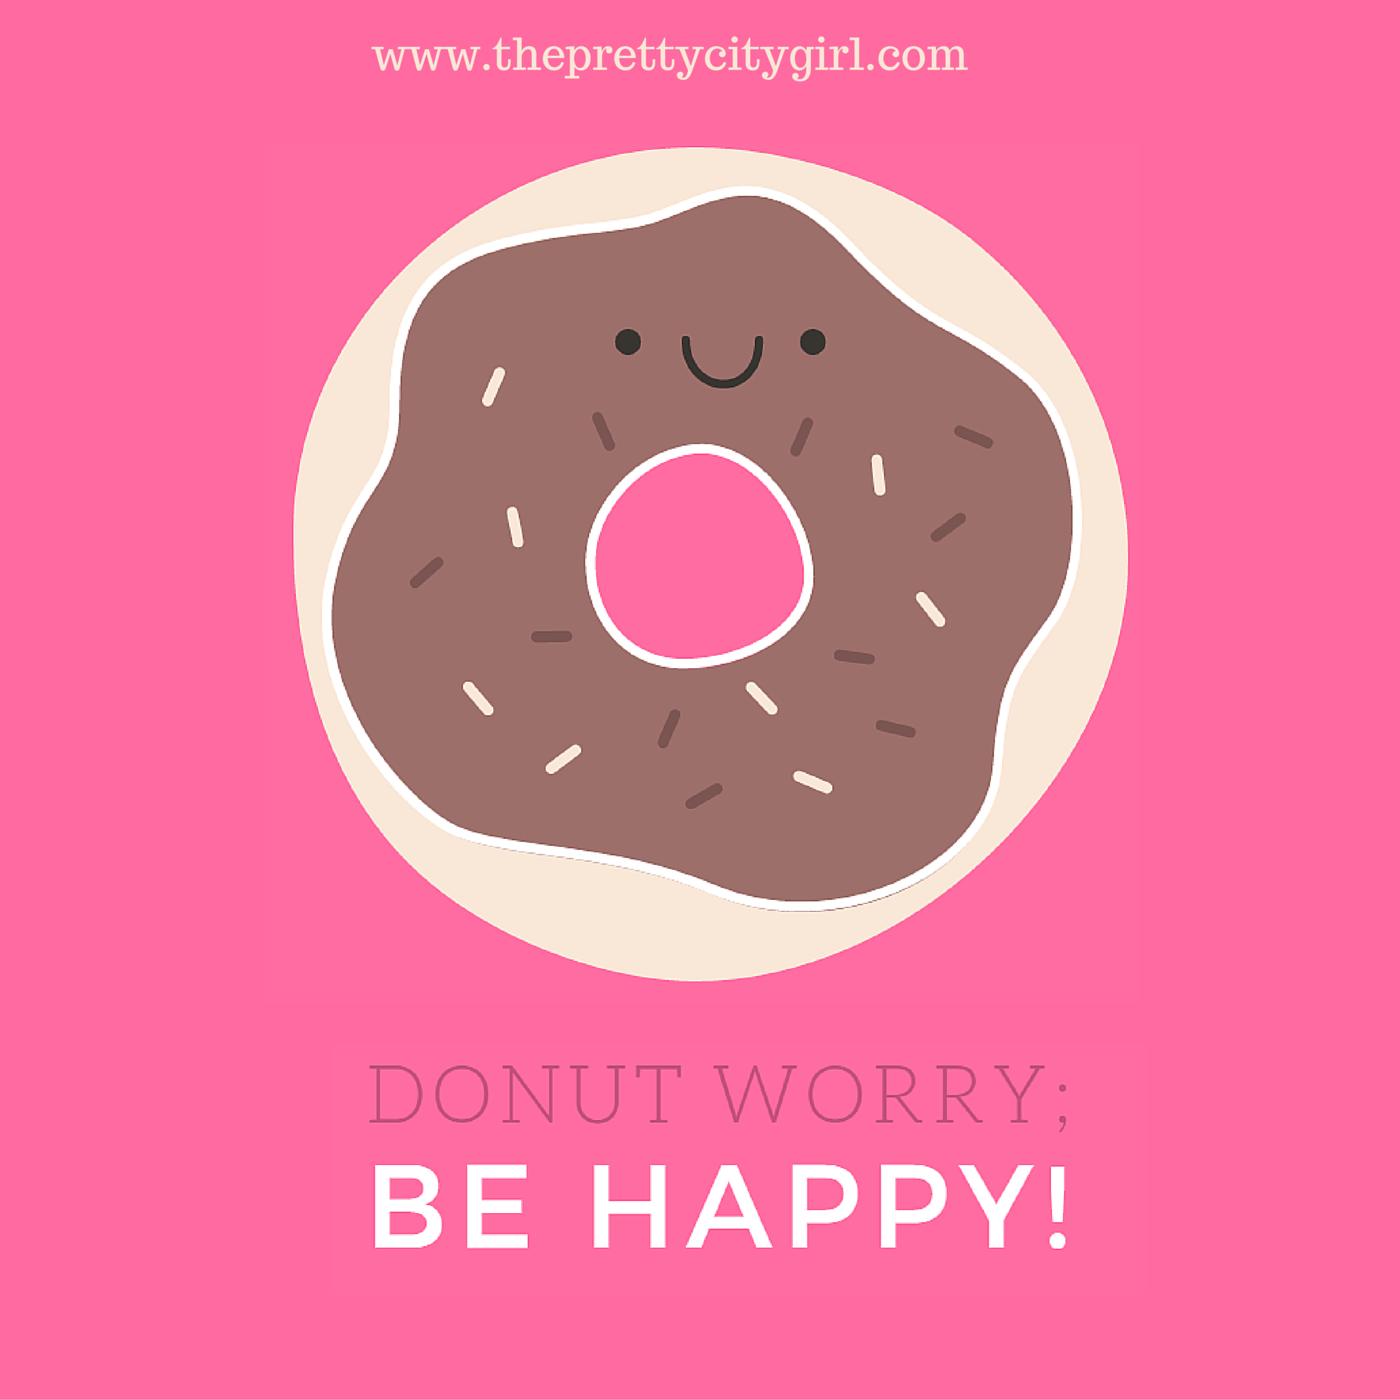 Cute Cartoon Donuts Wallpaper